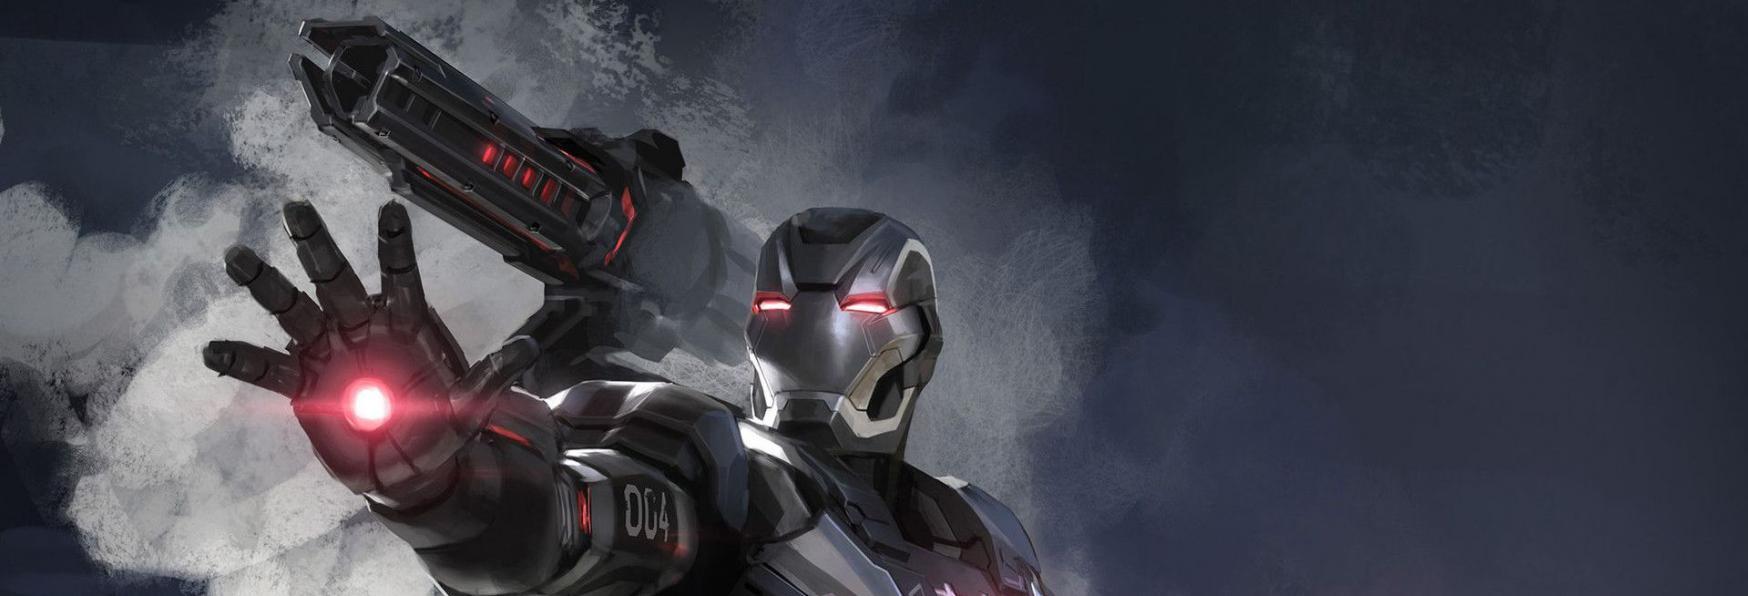 Armor Wars: le Anticipazioni di Don Cheadle sulla nuova Serie TV